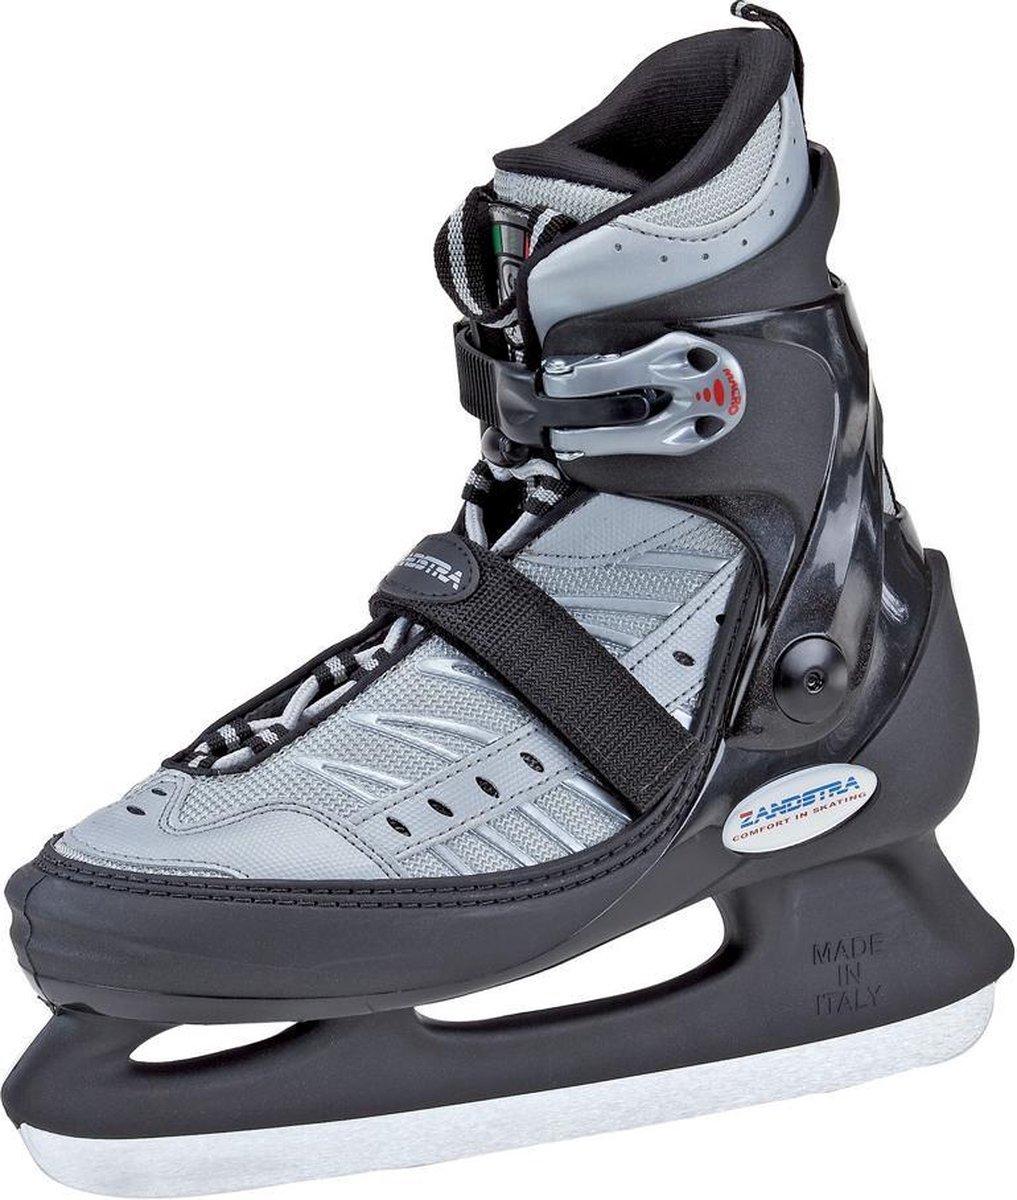 Zandstra Quebec - IJshockeyschaats - maat 40